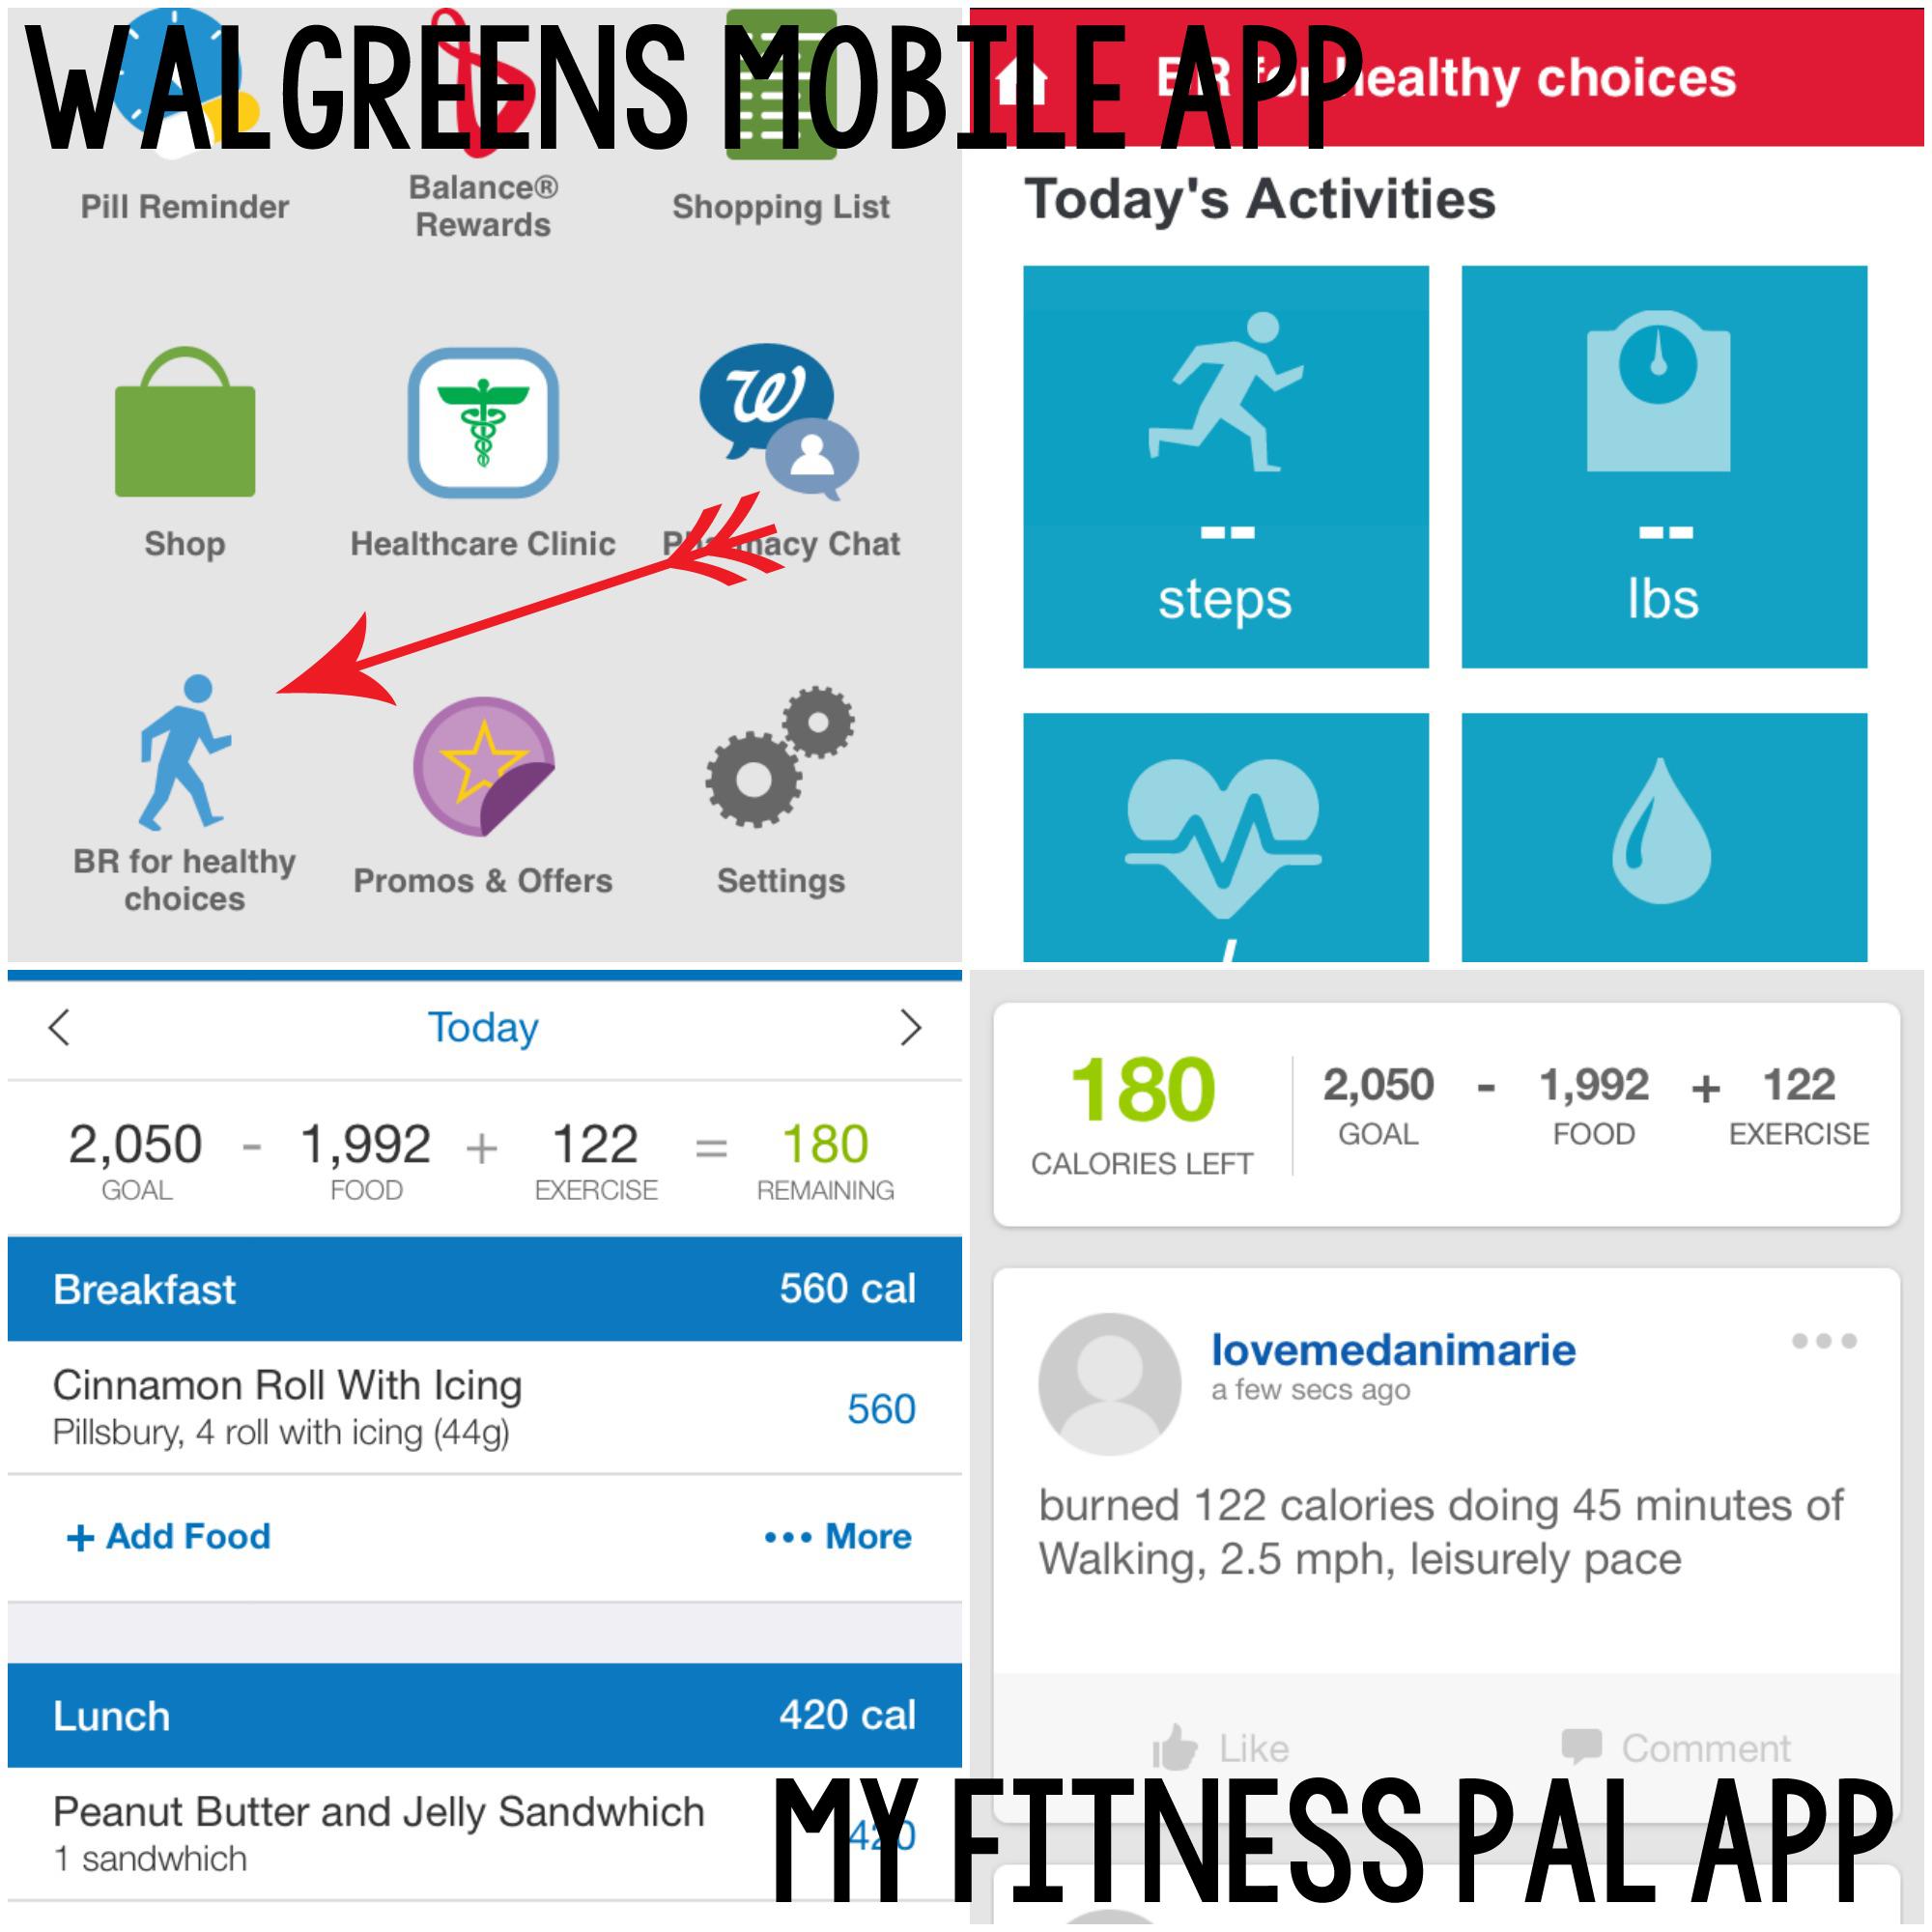 Walgreens Screen Shots